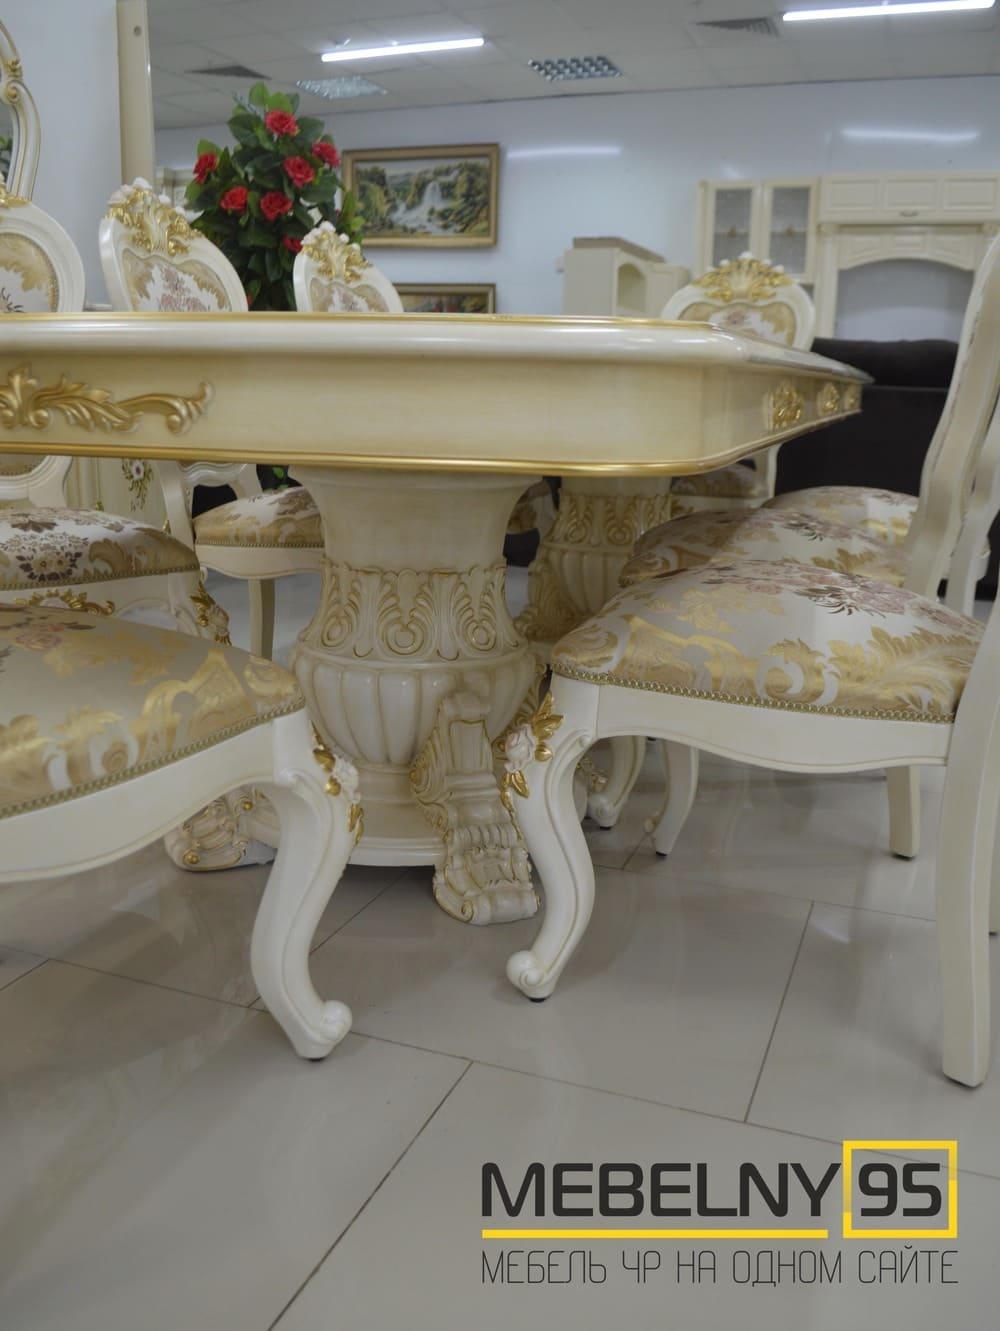 Гостиная мебель - изображение №2 на mebelny95.ru